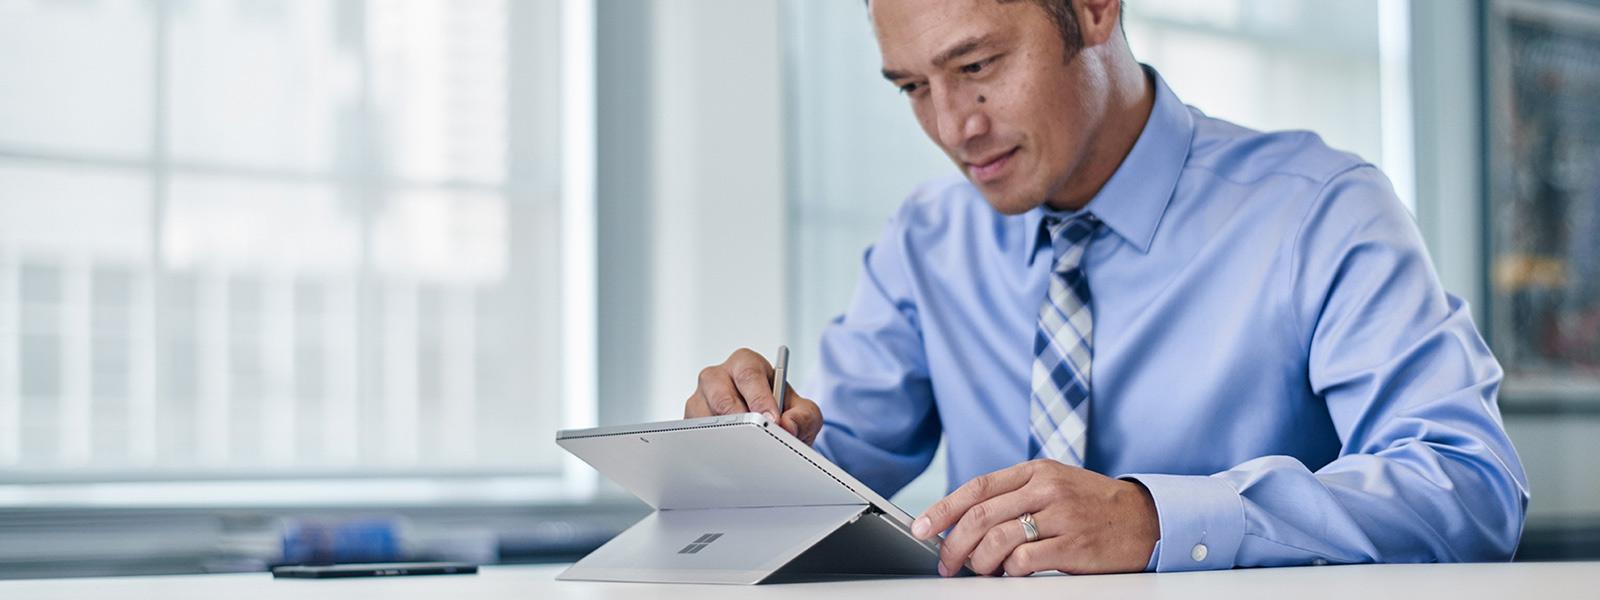 男人坐在桌前,使用 Surface 手寫筆在 Surface Pro 4 上寫字。